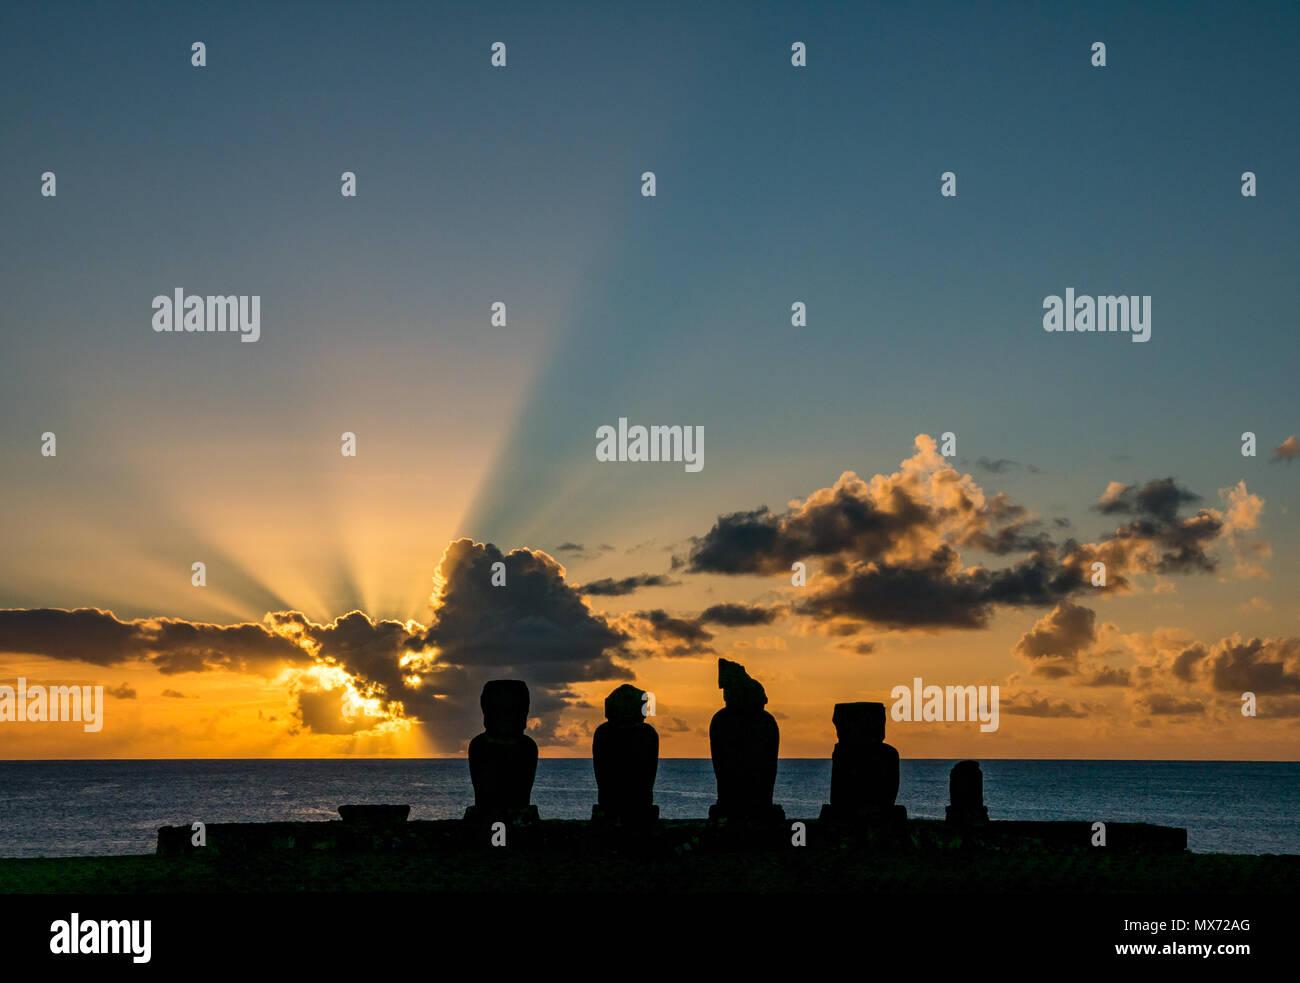 Espectacular puesta de sol de color naranja y luz de sol con siluetas de Ahu Moai, Tahai, Isla de Pascua, Rapa Nui, Chile Foto de stock